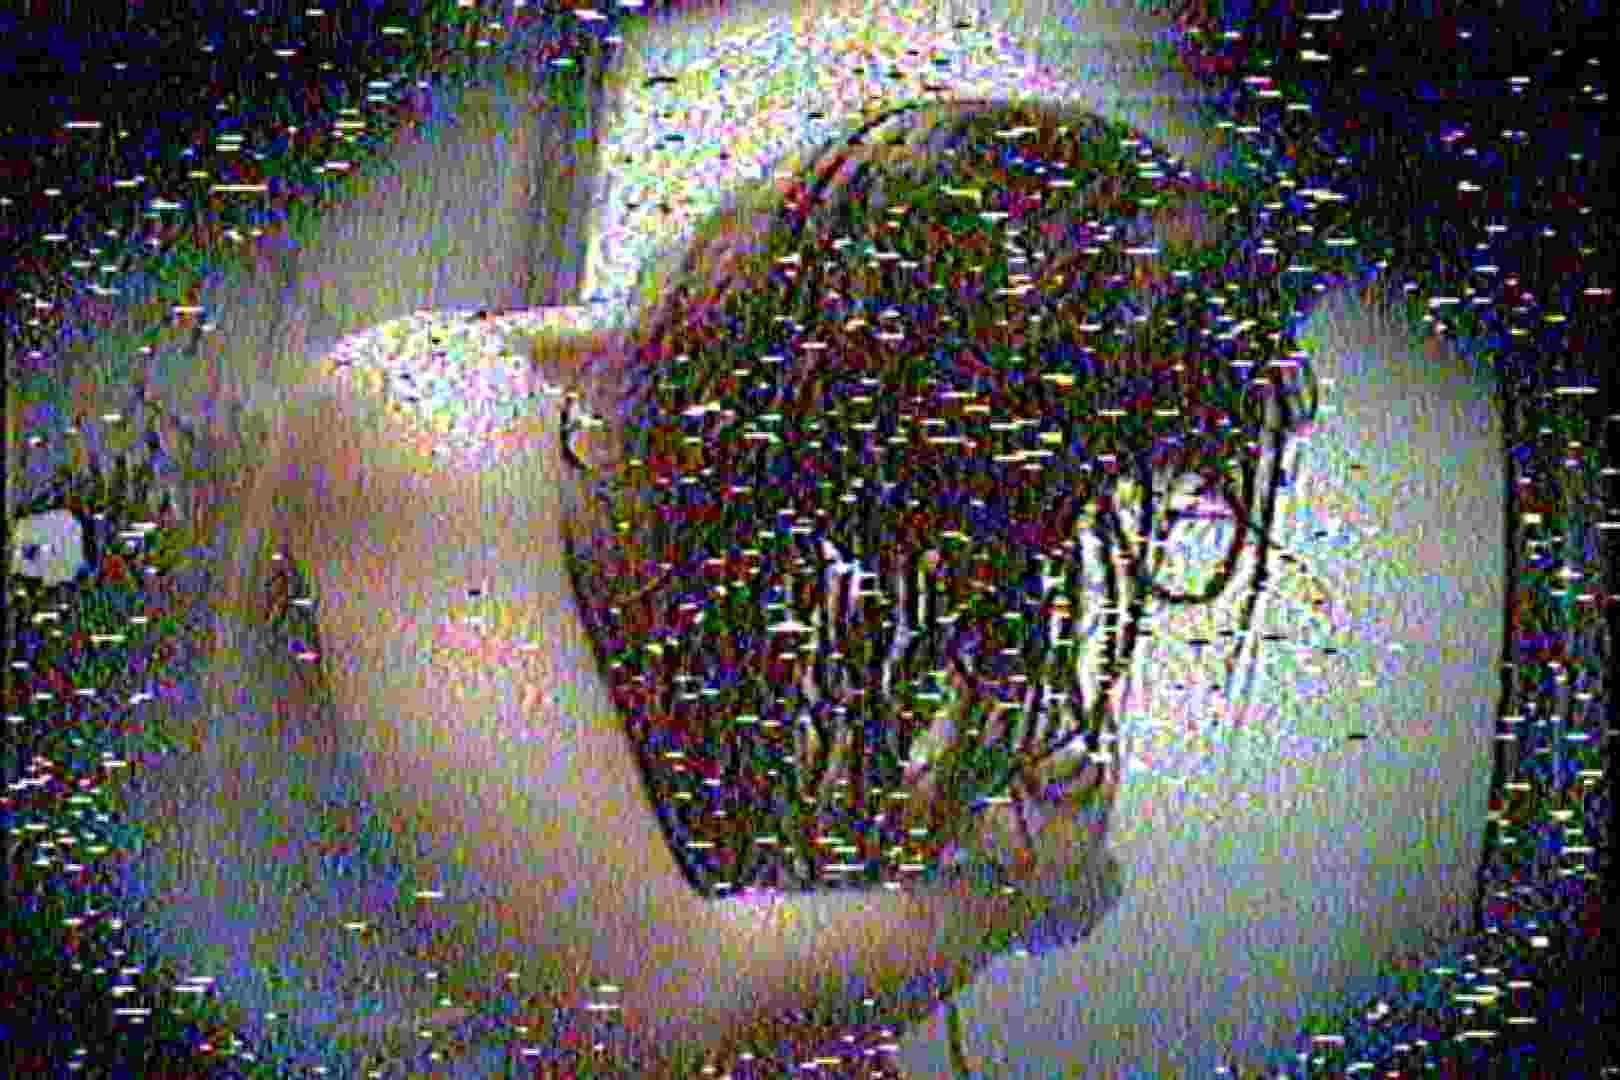 海の家の更衣室 Vol.21 美女達のヌード   シャワー中  89連発 81